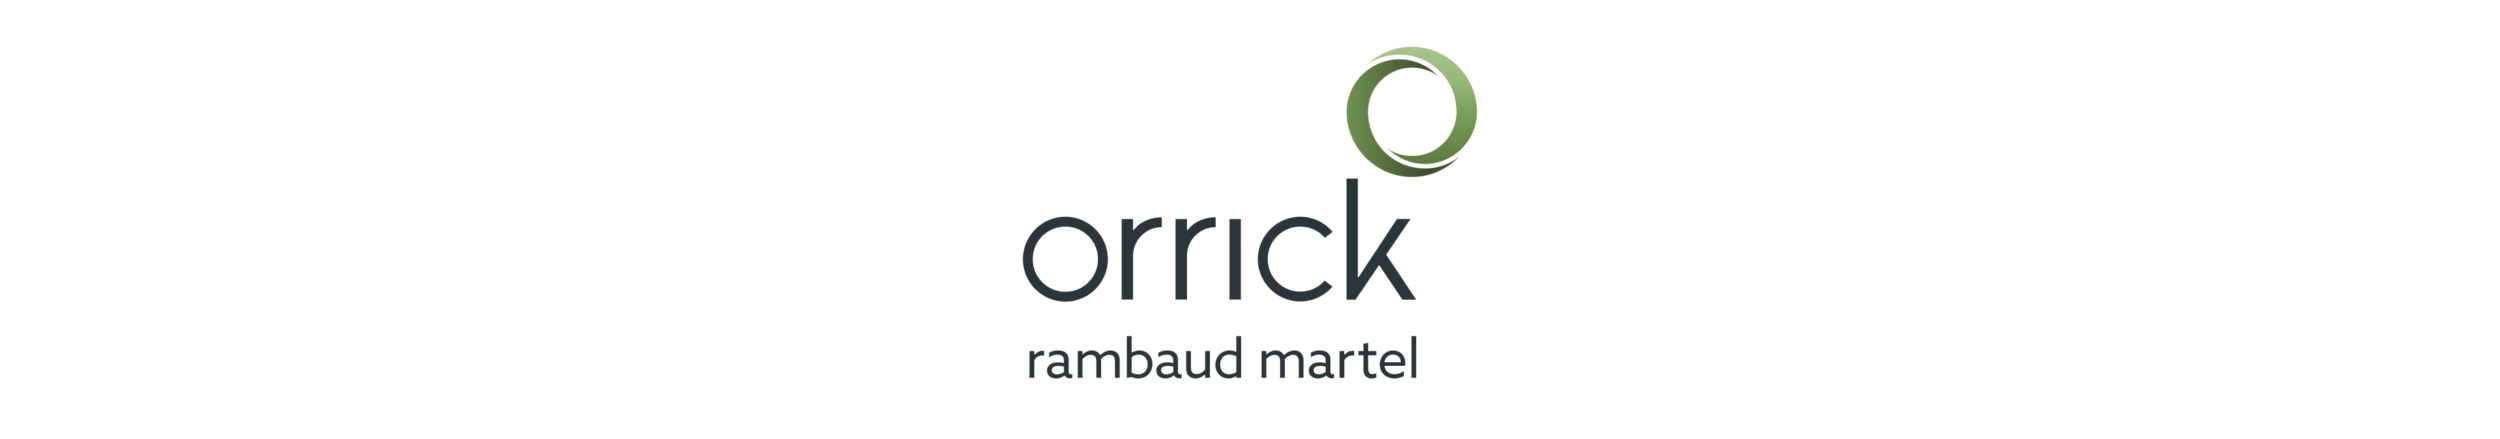 Orrick Rambaud Martel - Fondé en 1863 à San Francisco, Orrick Herrington & Sutcliffe LLP est un cabinet d'avocats d'affaires international implanté aux États-Unis, en Europe et en Asie à travers 25 bureaux et plus de 1100 collaborateurs.Le bureau parisien, Orrick Rambaud Martel, fort de près de 100 avocats, est reconnu pour la très grande qualité de sa pratique et sa capacité à gérer les dossiers les plus complexes. L'un des principaux atouts du cabinet réside dans la double compétence de ses avocats, dont l'expertise est reconnue en conseil comme en contentieux. Cette spécificité, rare au sein de cabinets internationaux, permet à Orrick de donner aux collaborateurs qui le rejoignent une formation complète et variée. Le cabinet intervient dans tous les domaines du droit des affaires et plus particulièrement en : Arbitrage international, Concurrence, Contentieux, Corporate/M&A, Droit Public, Énergie, Infrastructure et Ressources naturelles, Finance, Fiscal, Immobilier, Restructuring, Social/Patrimonial.